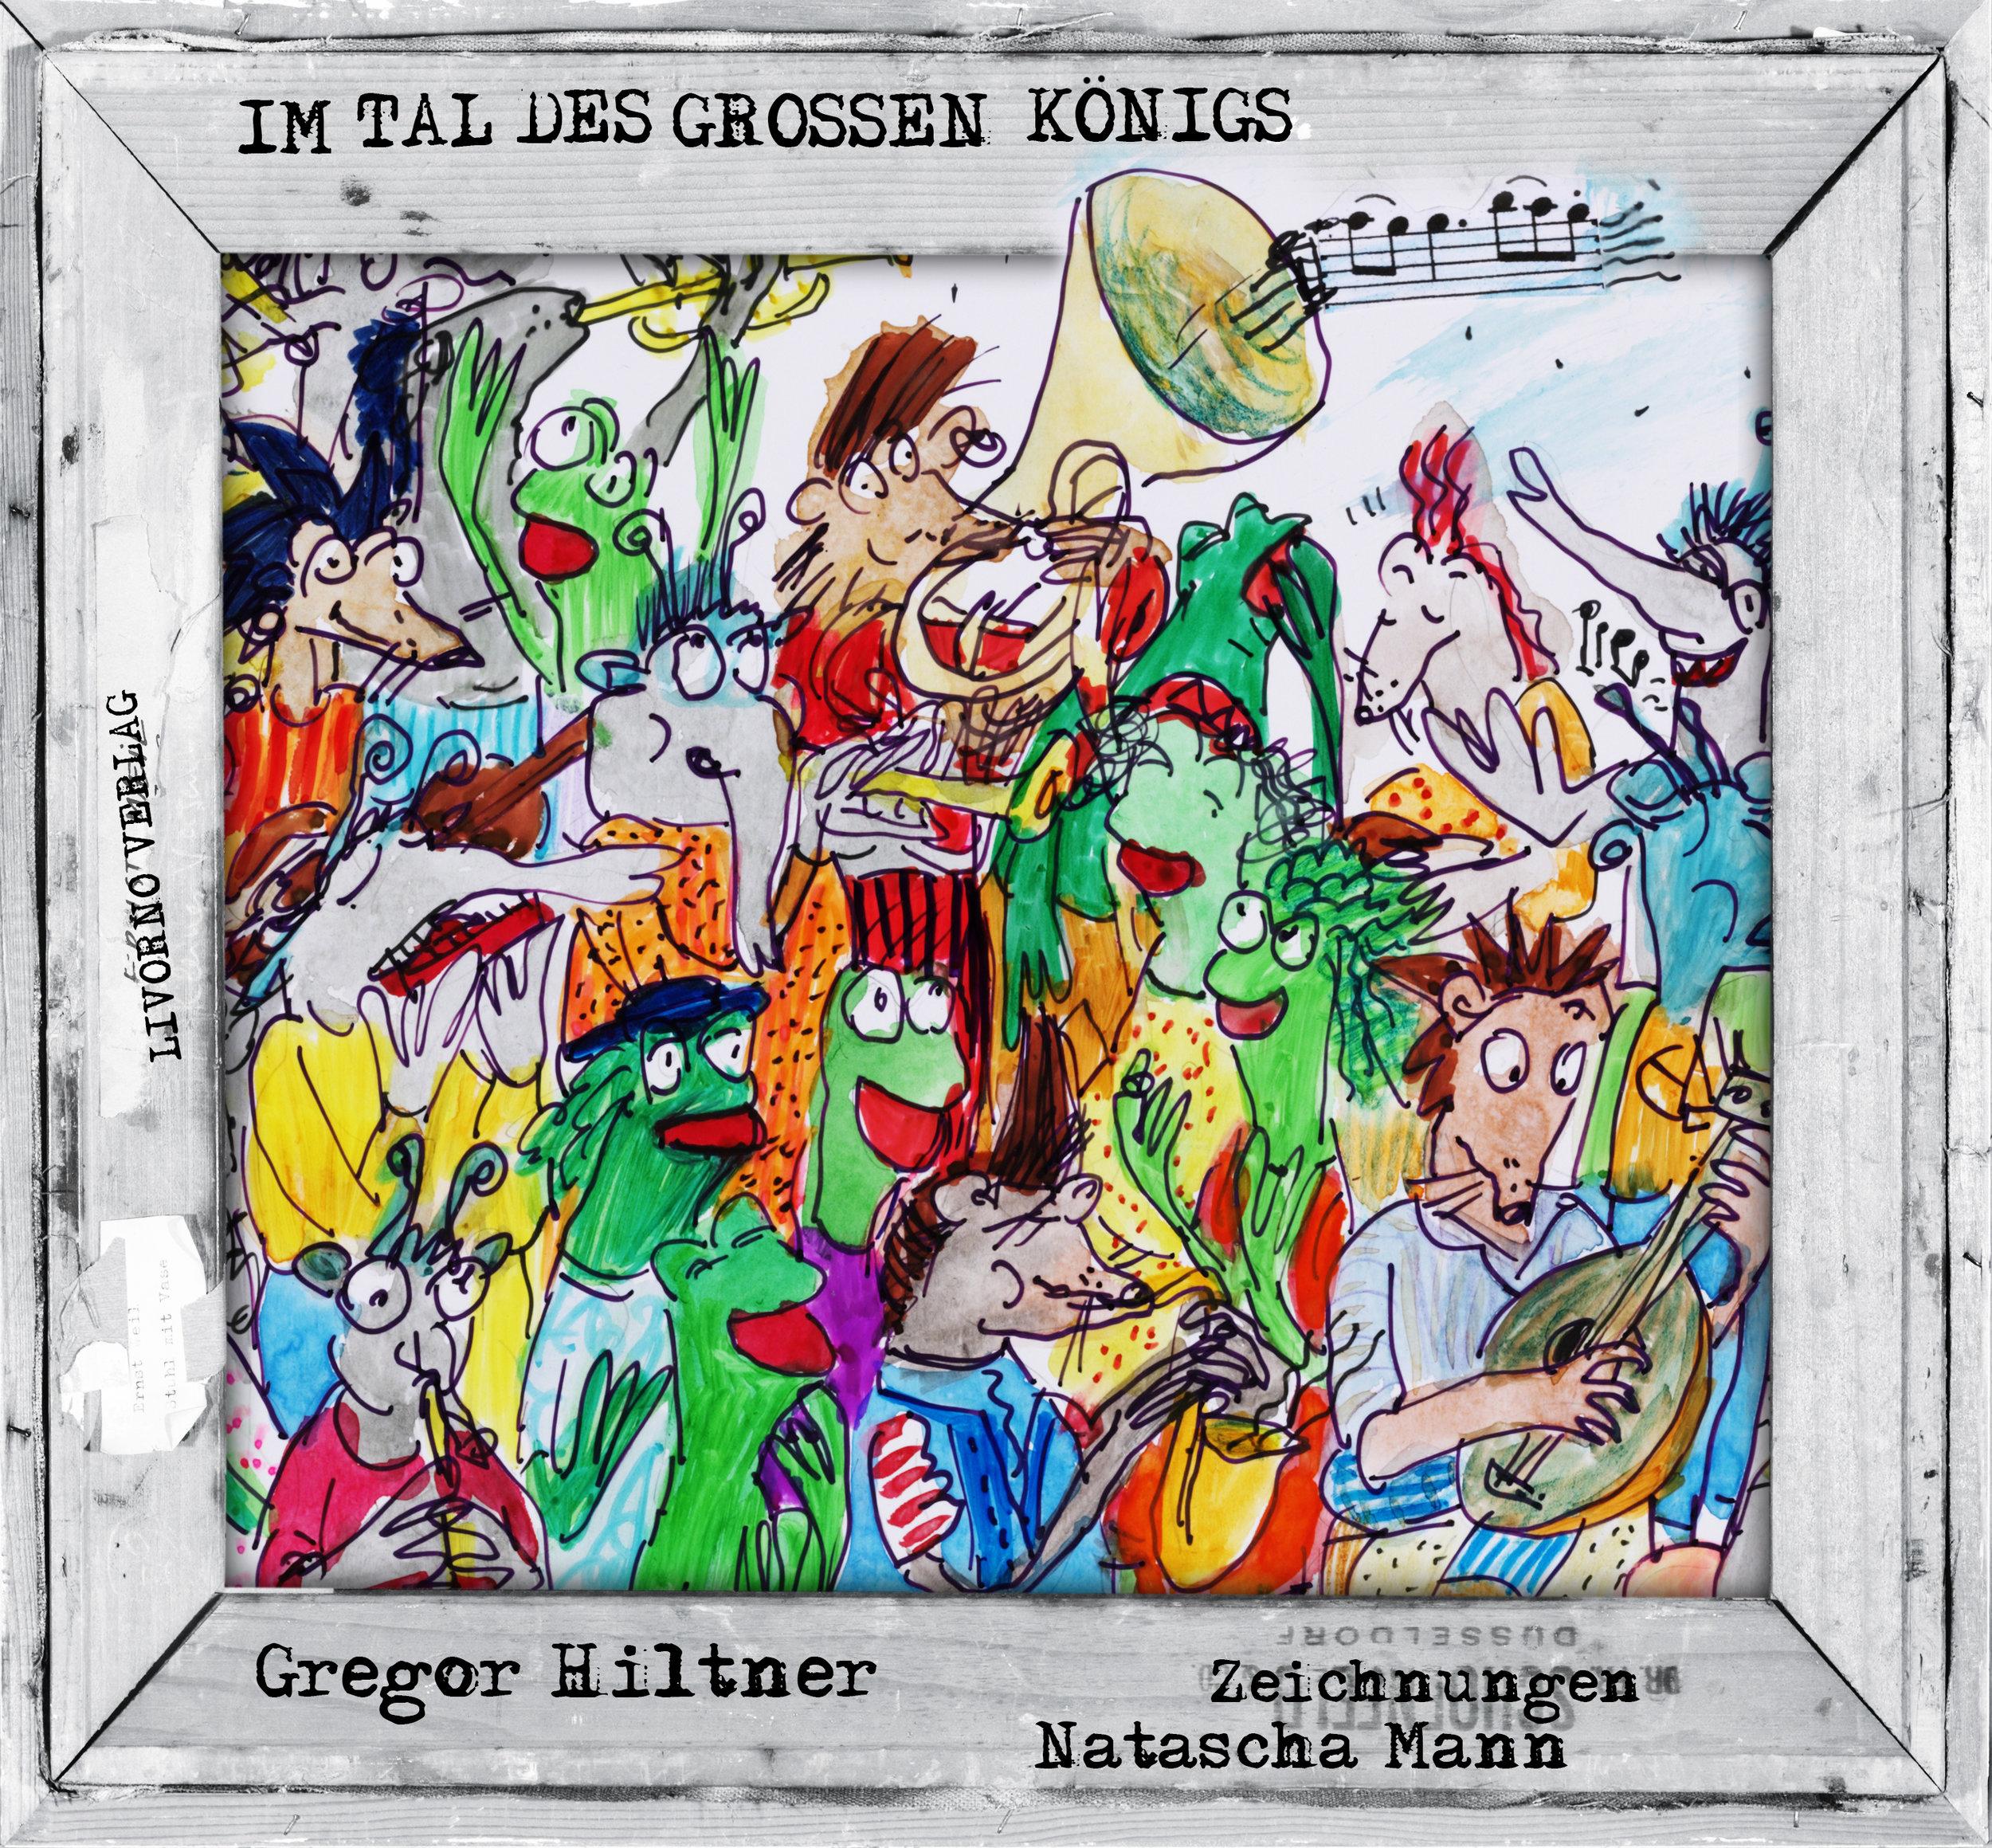 Im Tal des großen Königs - by Gregor Hiltner, Illustrated by Natascha Mann